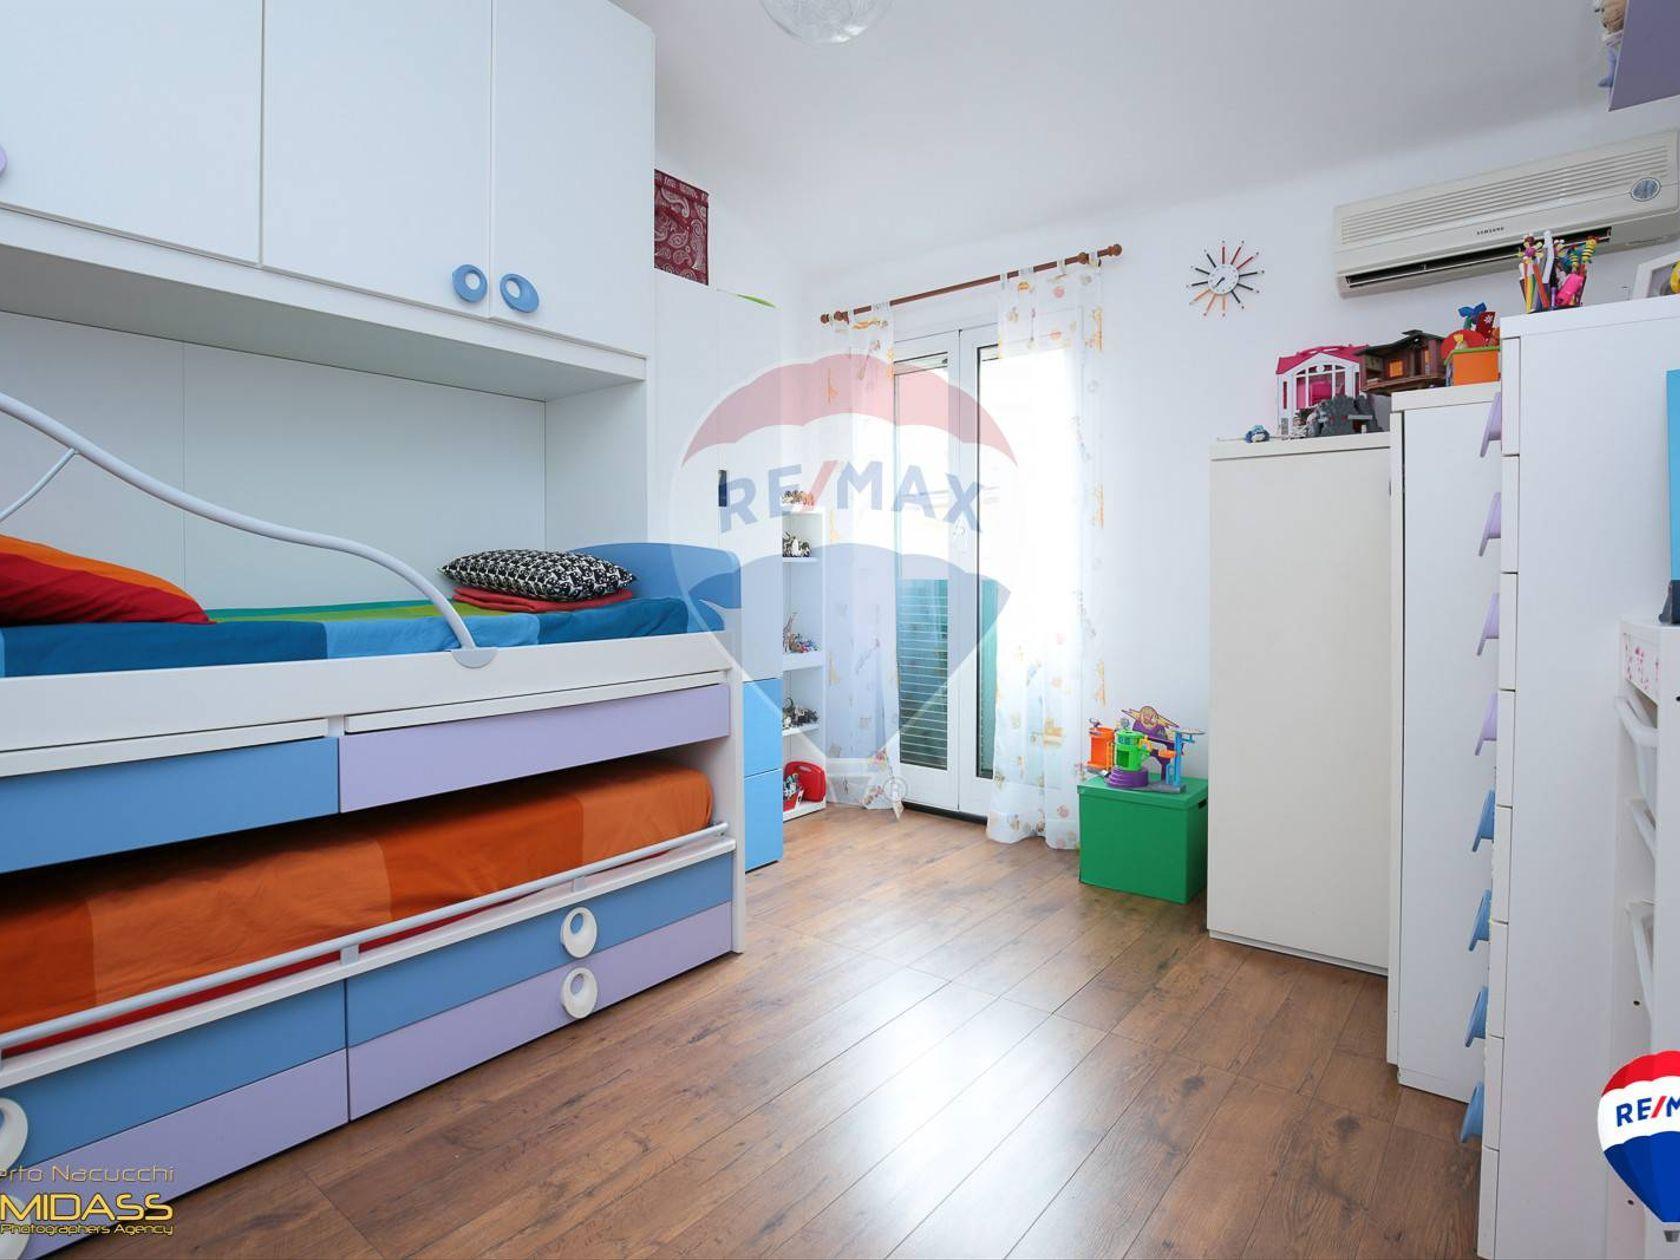 Vendita Porte A Genova appartamento in vendita genova 31871001-794 | re/max italia